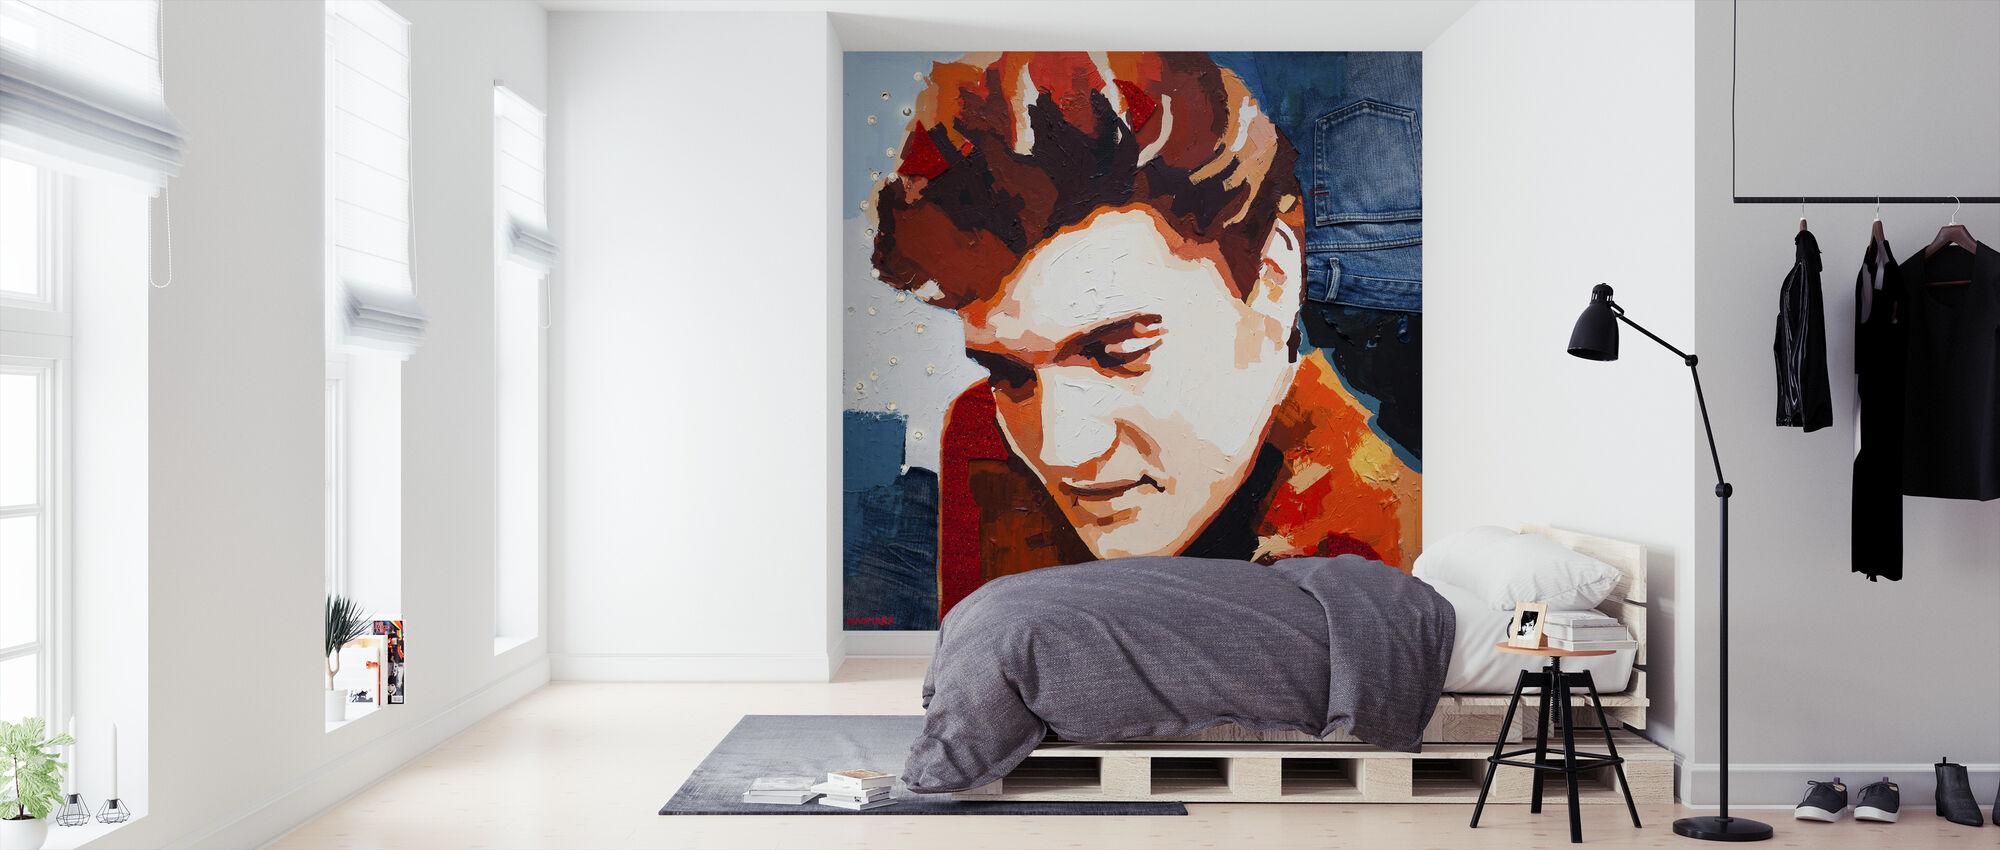 I Never Really Left - Wallpaper - Bedroom